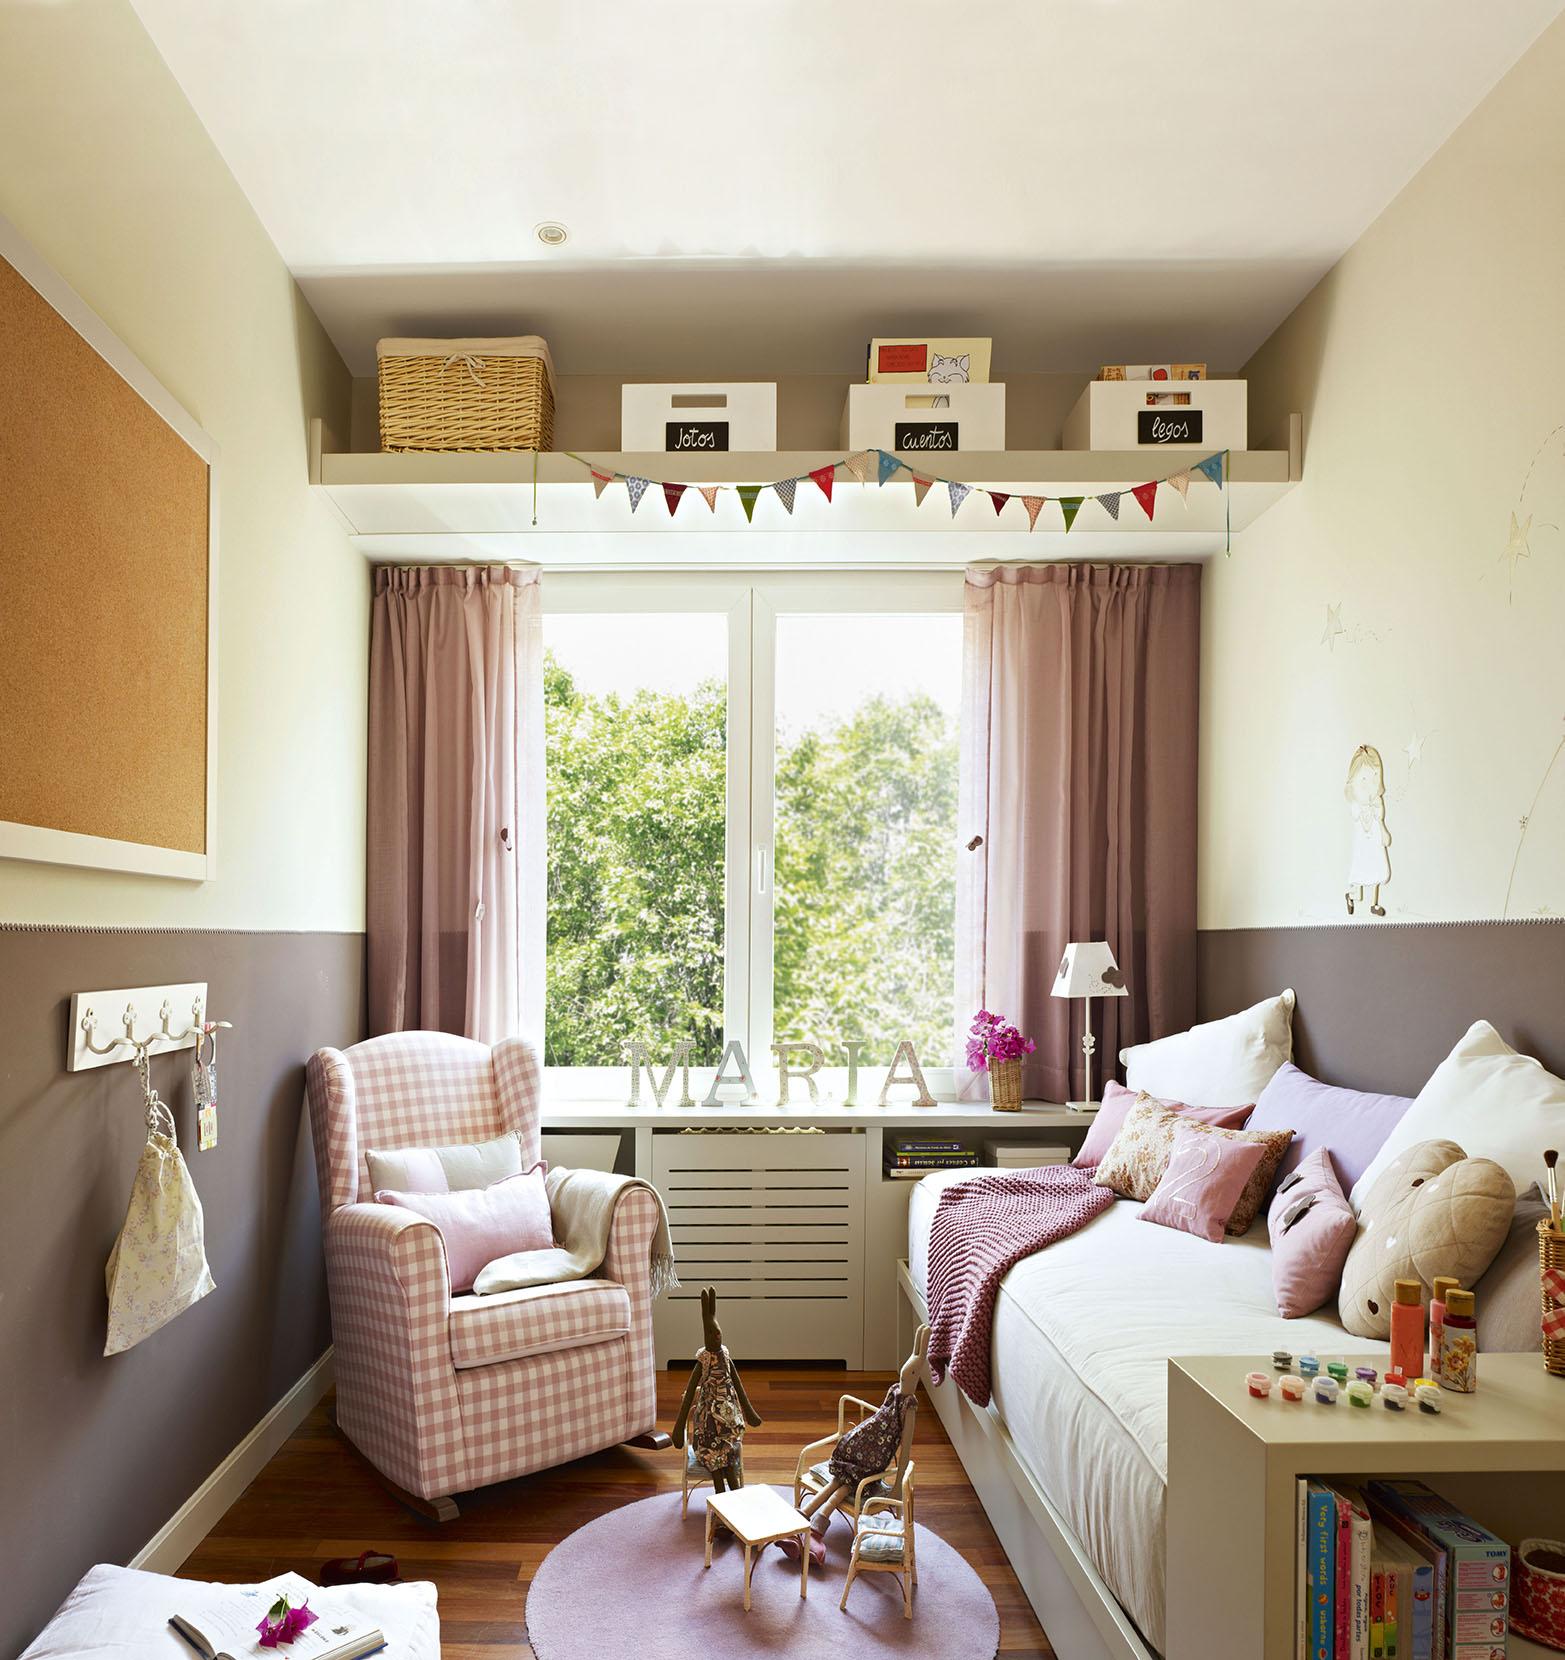 Soluciones para cuartos de ni os peque os - Soluciones dormitorios pequenos ...